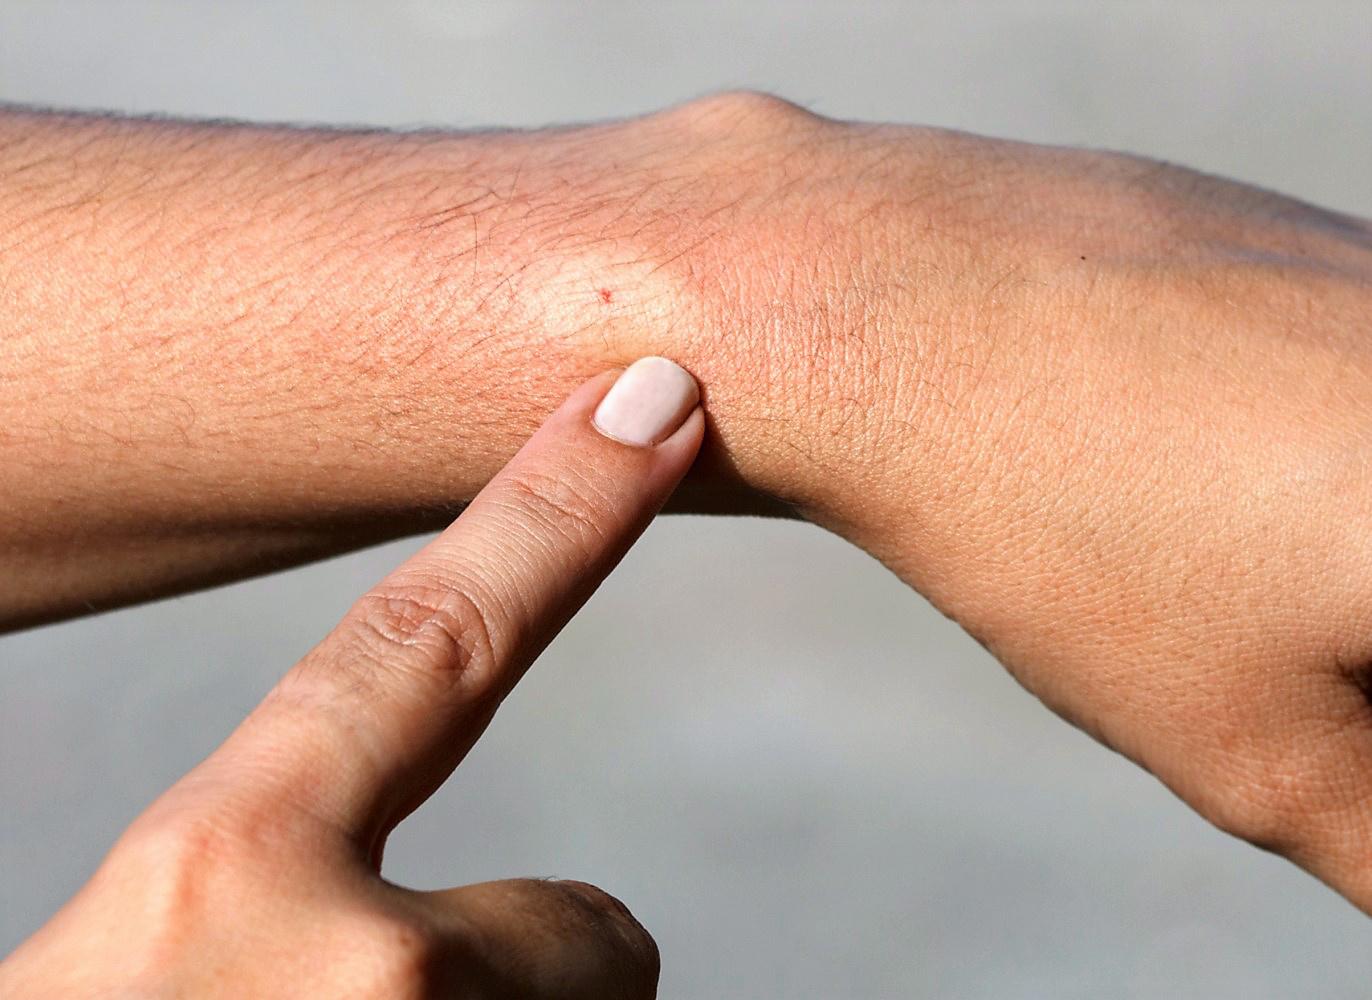 Méh és darázscsípés: veszélytelen vagy halálos